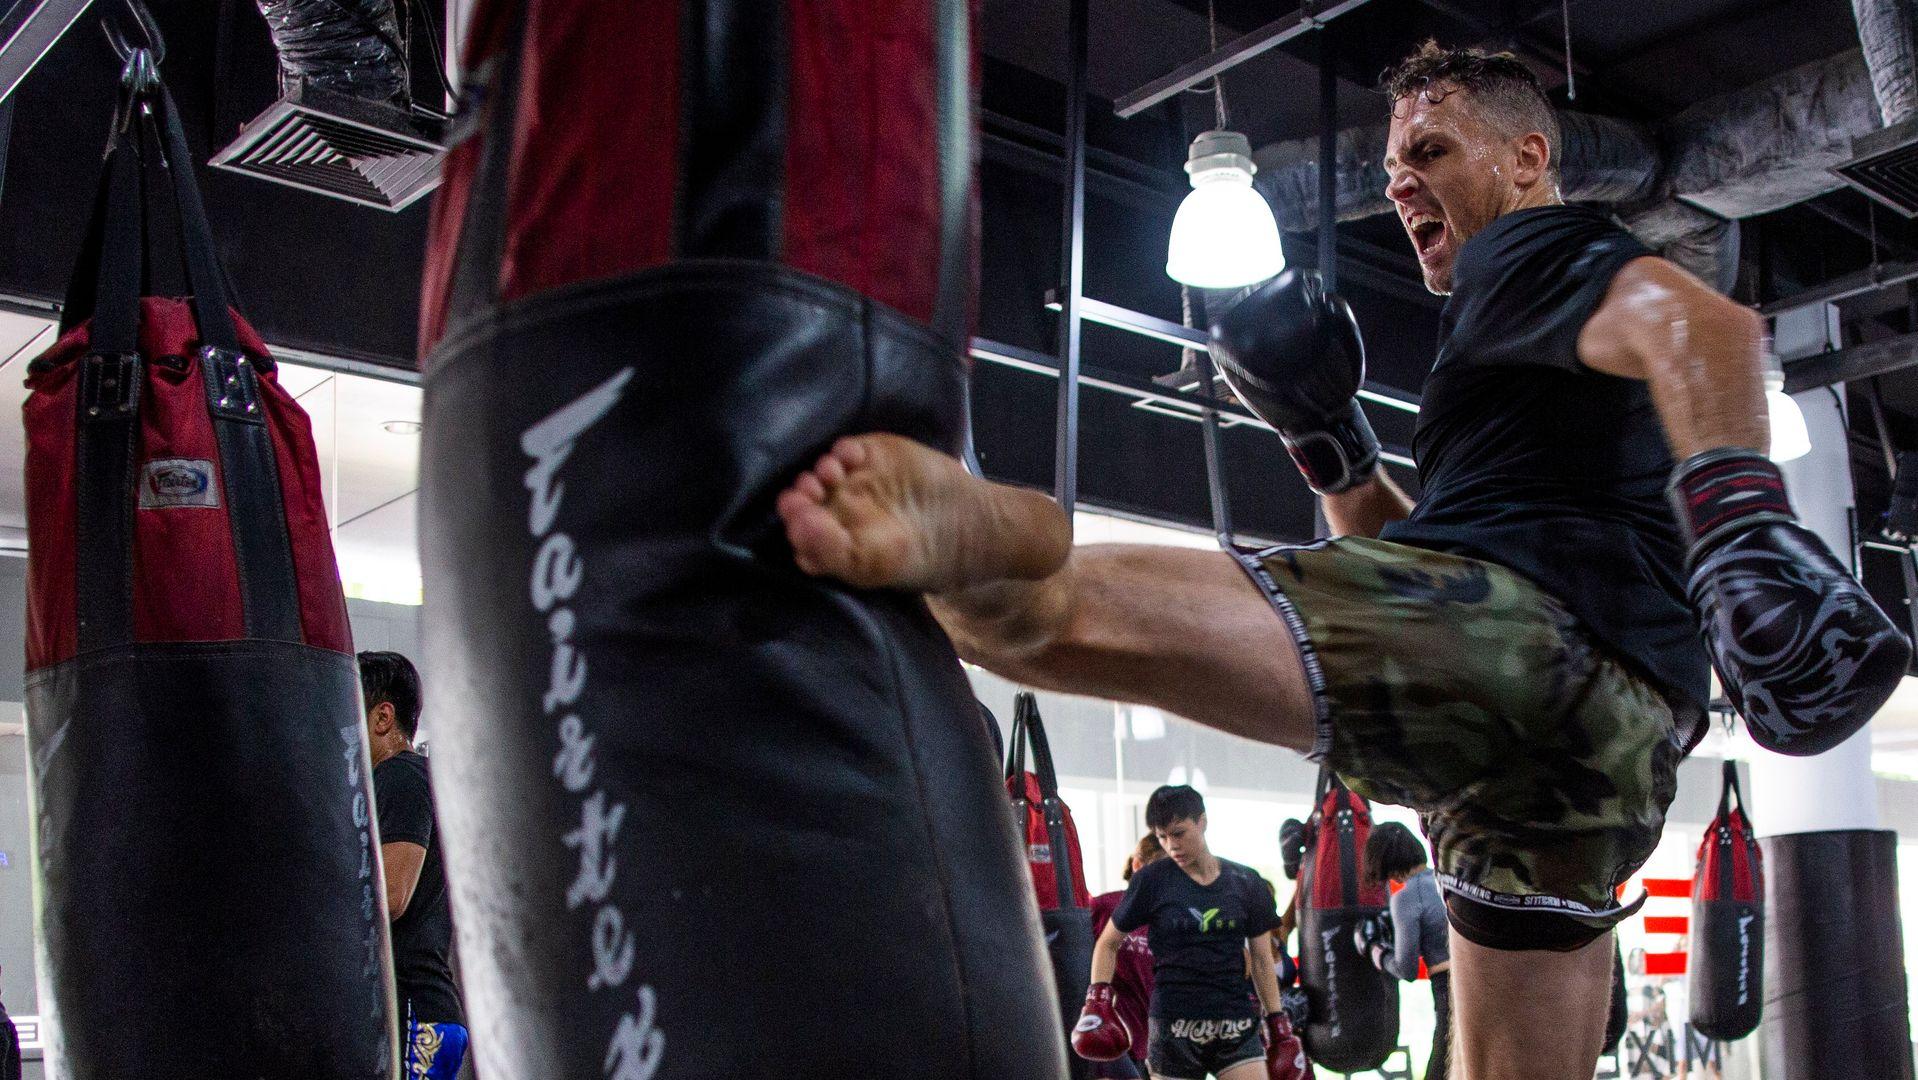 A man throws a Muay Thai kick on a heavy bag.